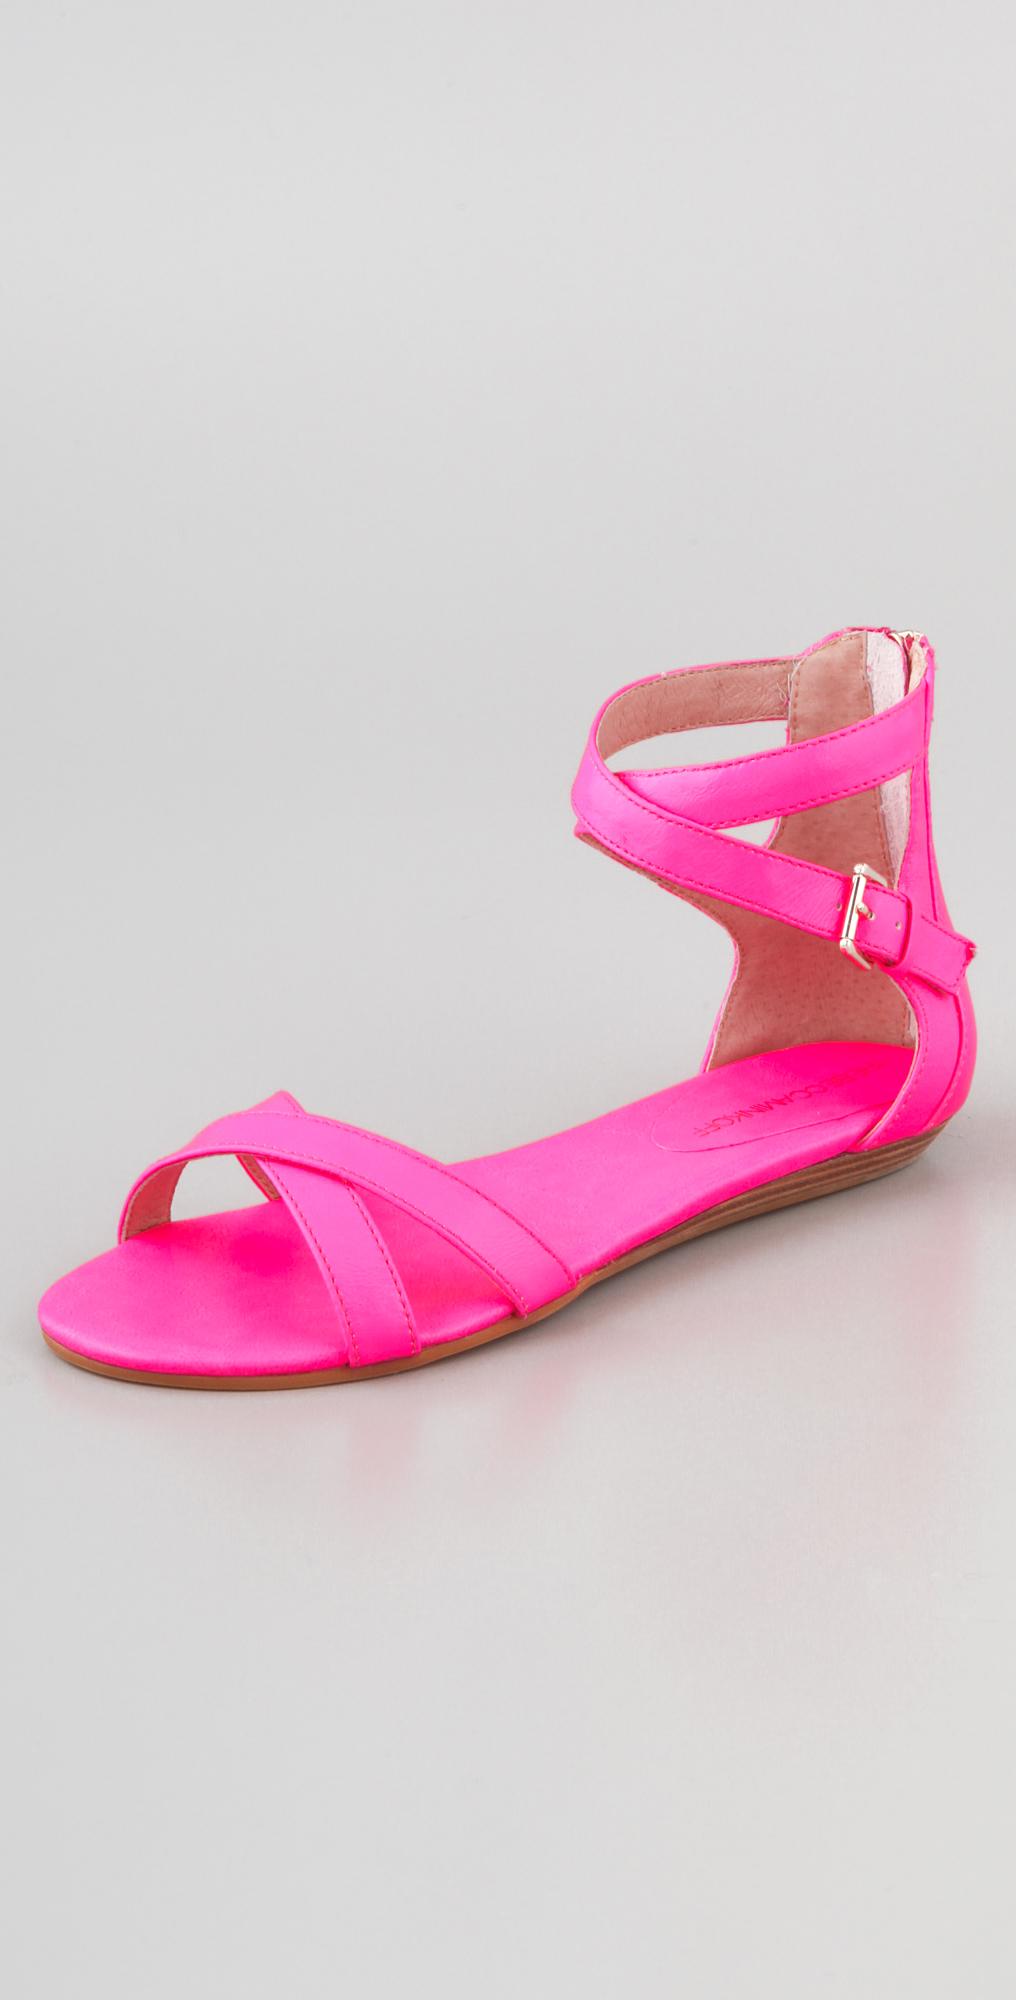 6aedf60257d2 Rebecca Minkoff Bettina Flat Sandals